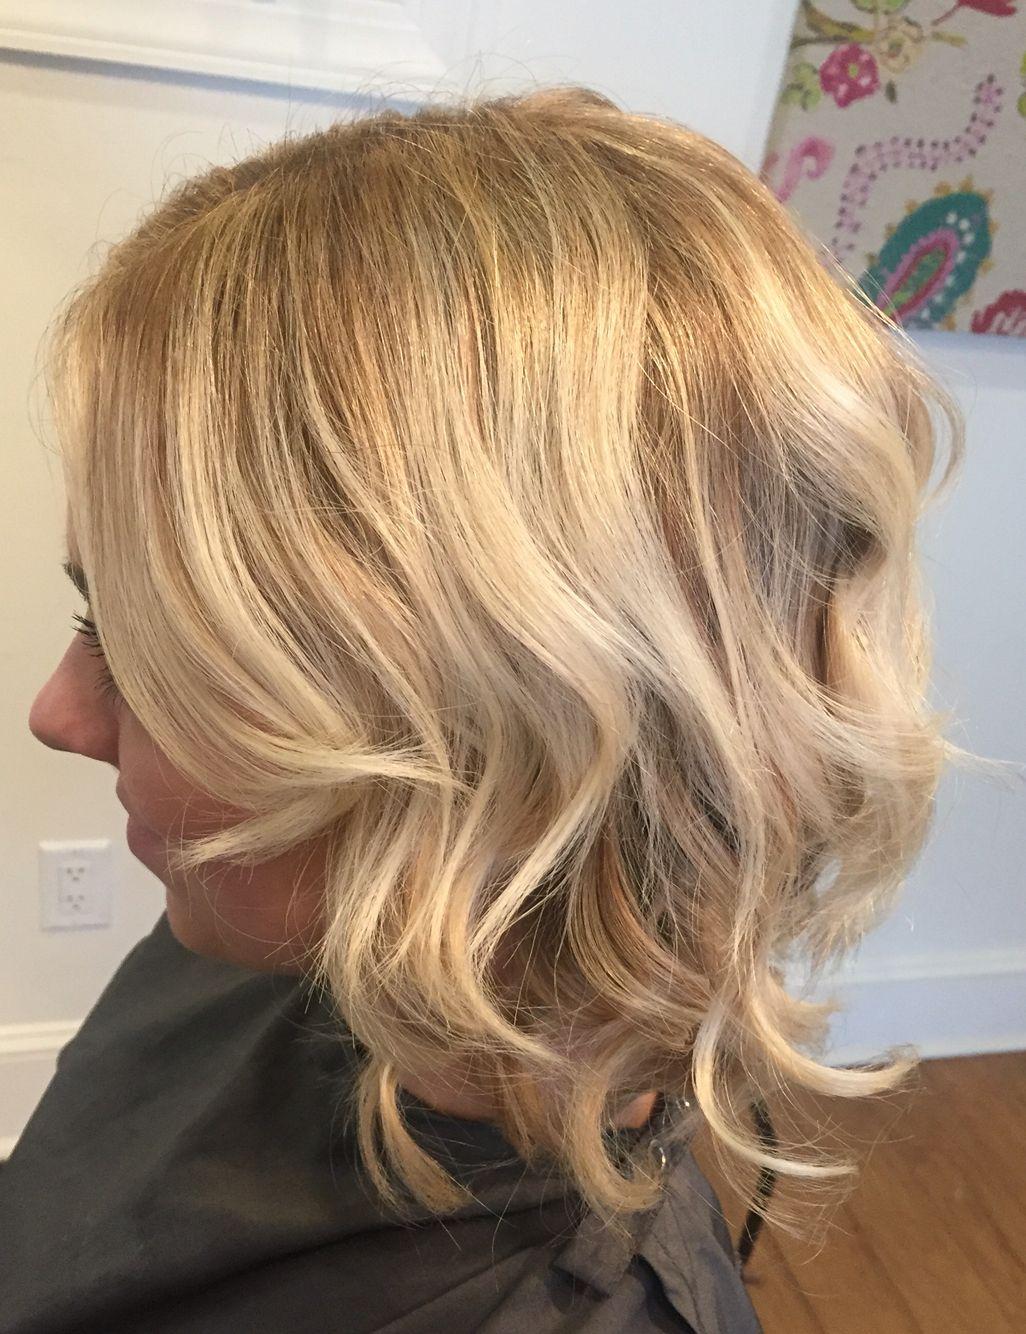 Honey blonde short hair | Short blonde hair, Honey blonde ...